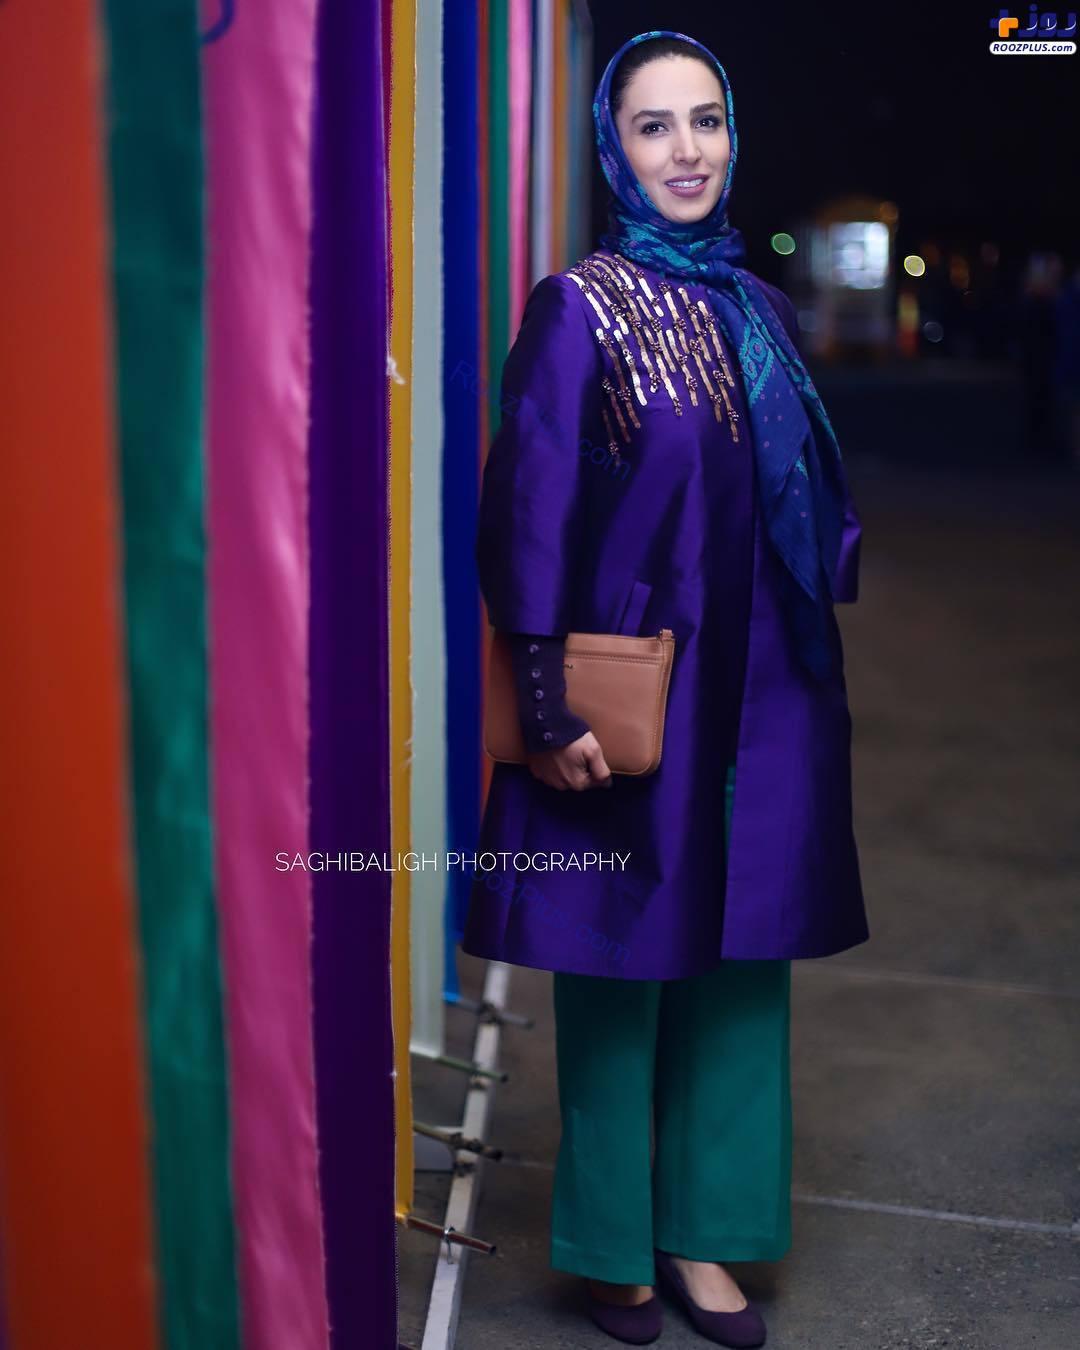 سوگل طهماسبی در ورودی جشنواره فیلم فجر+عکس